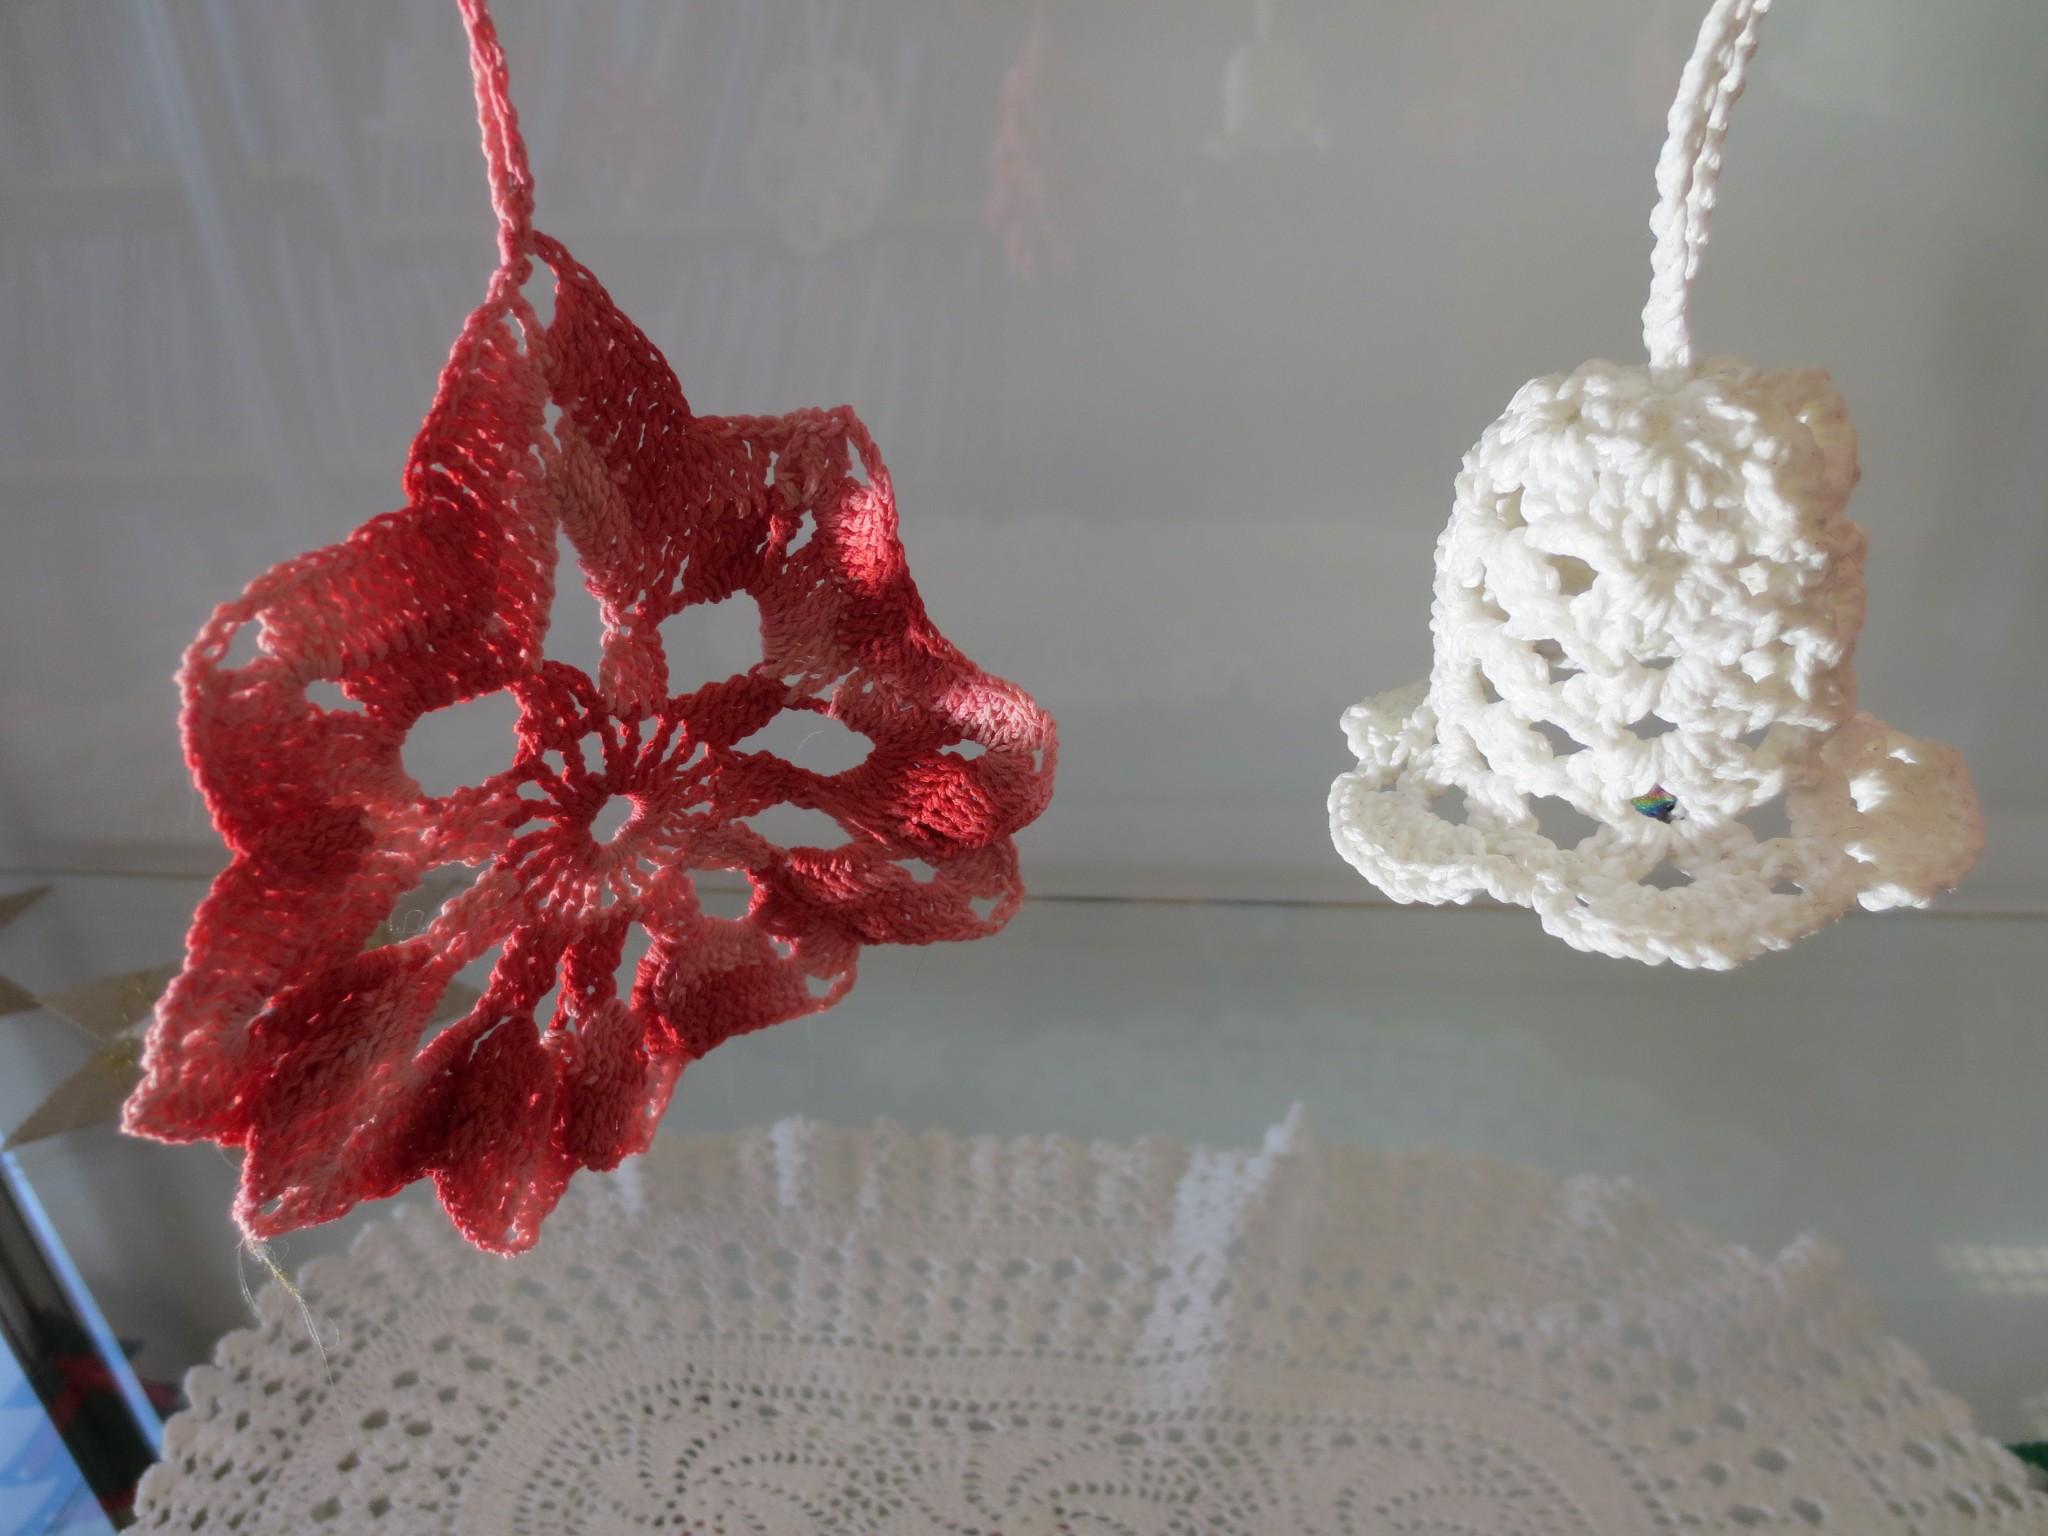 IMG 3259 - Antonija Koren - razstava kvačkanih izdelkov